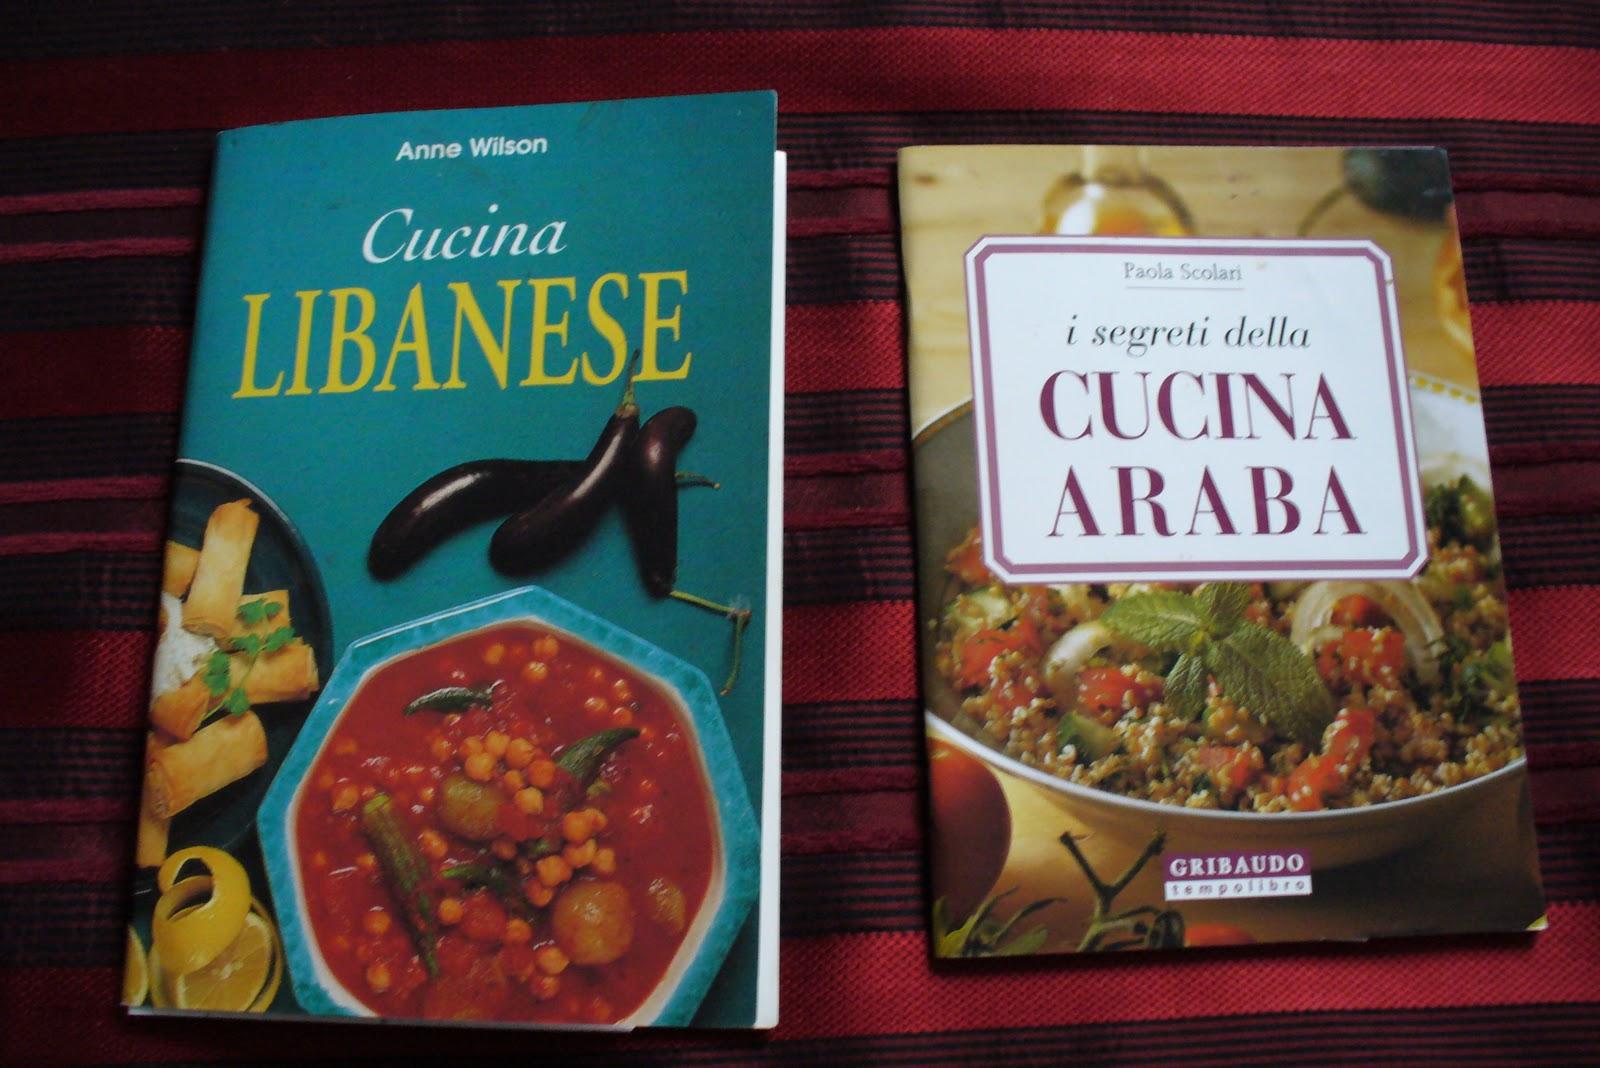 Cucinare La Mia Passione Cucina Arabo Libanese